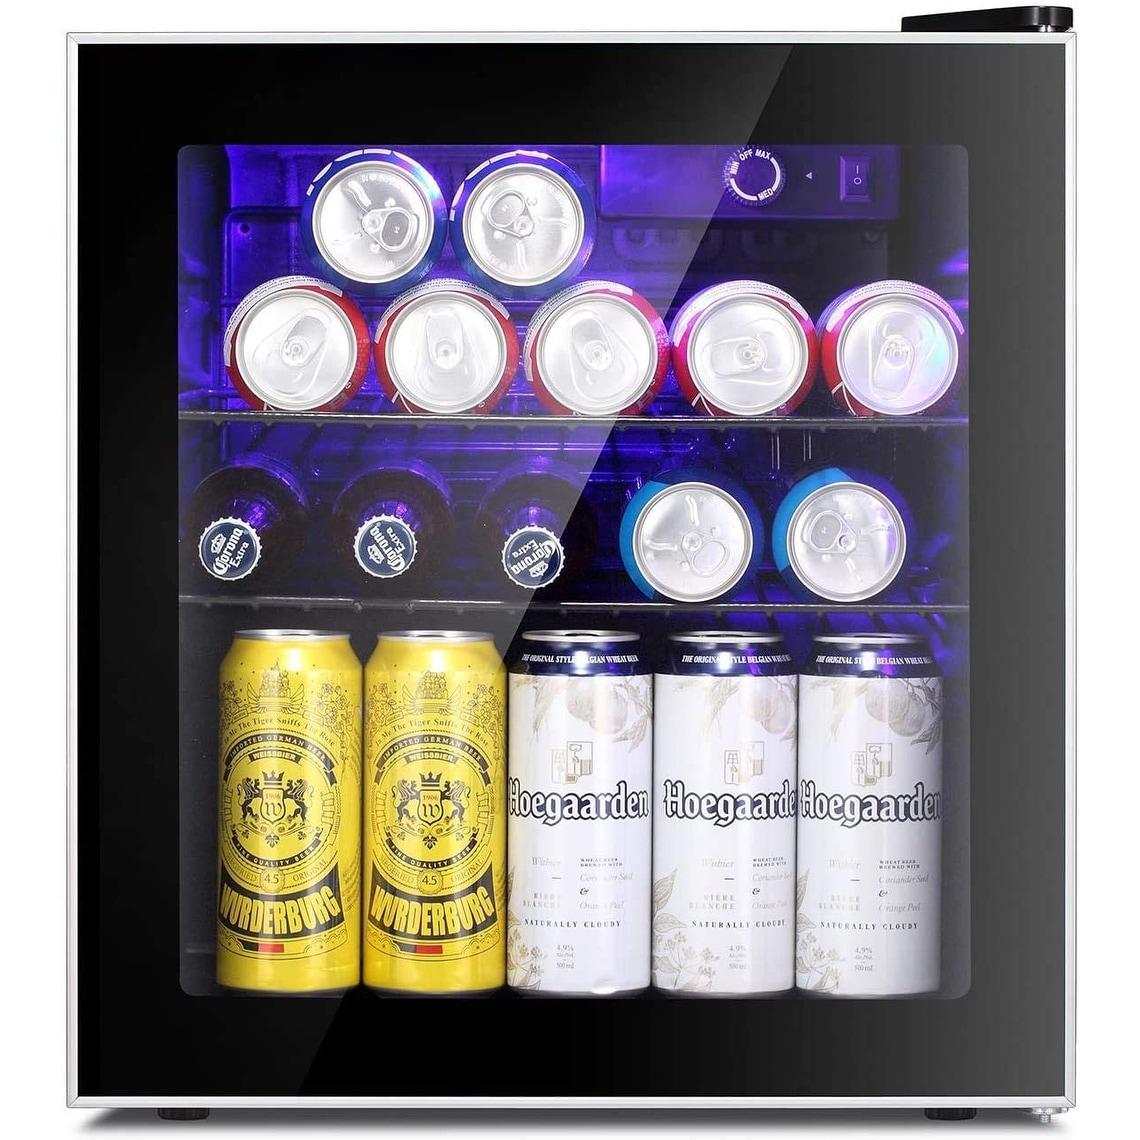 1 6cu Ft Mini Fridge Cooler 60 Can Beverage Refrigerator Glass Door